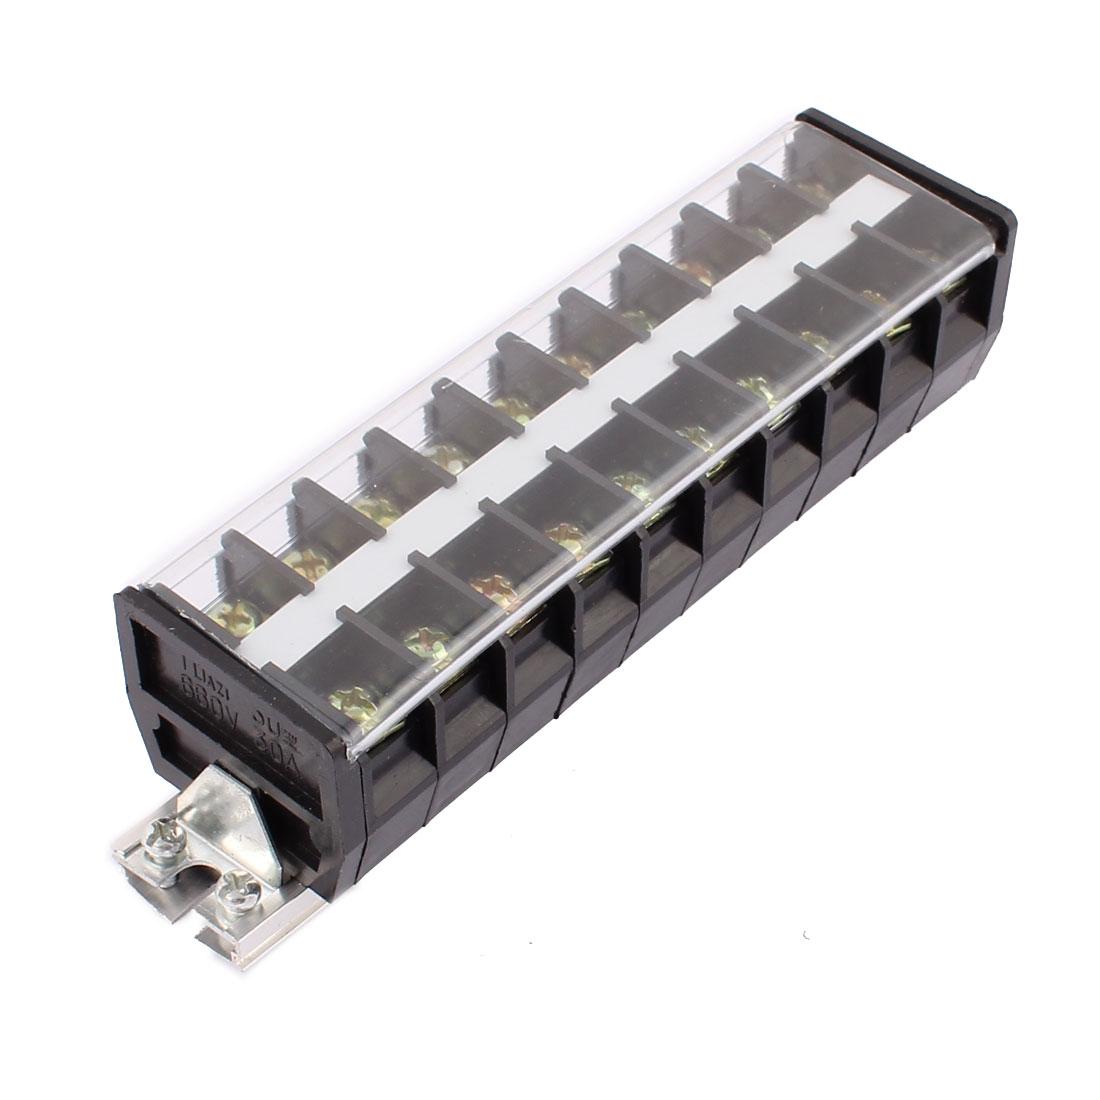 660V 30A Double rangée 10 Vis Position Bornier Combinaison Rail DIN TD3010 - image 4 de 4